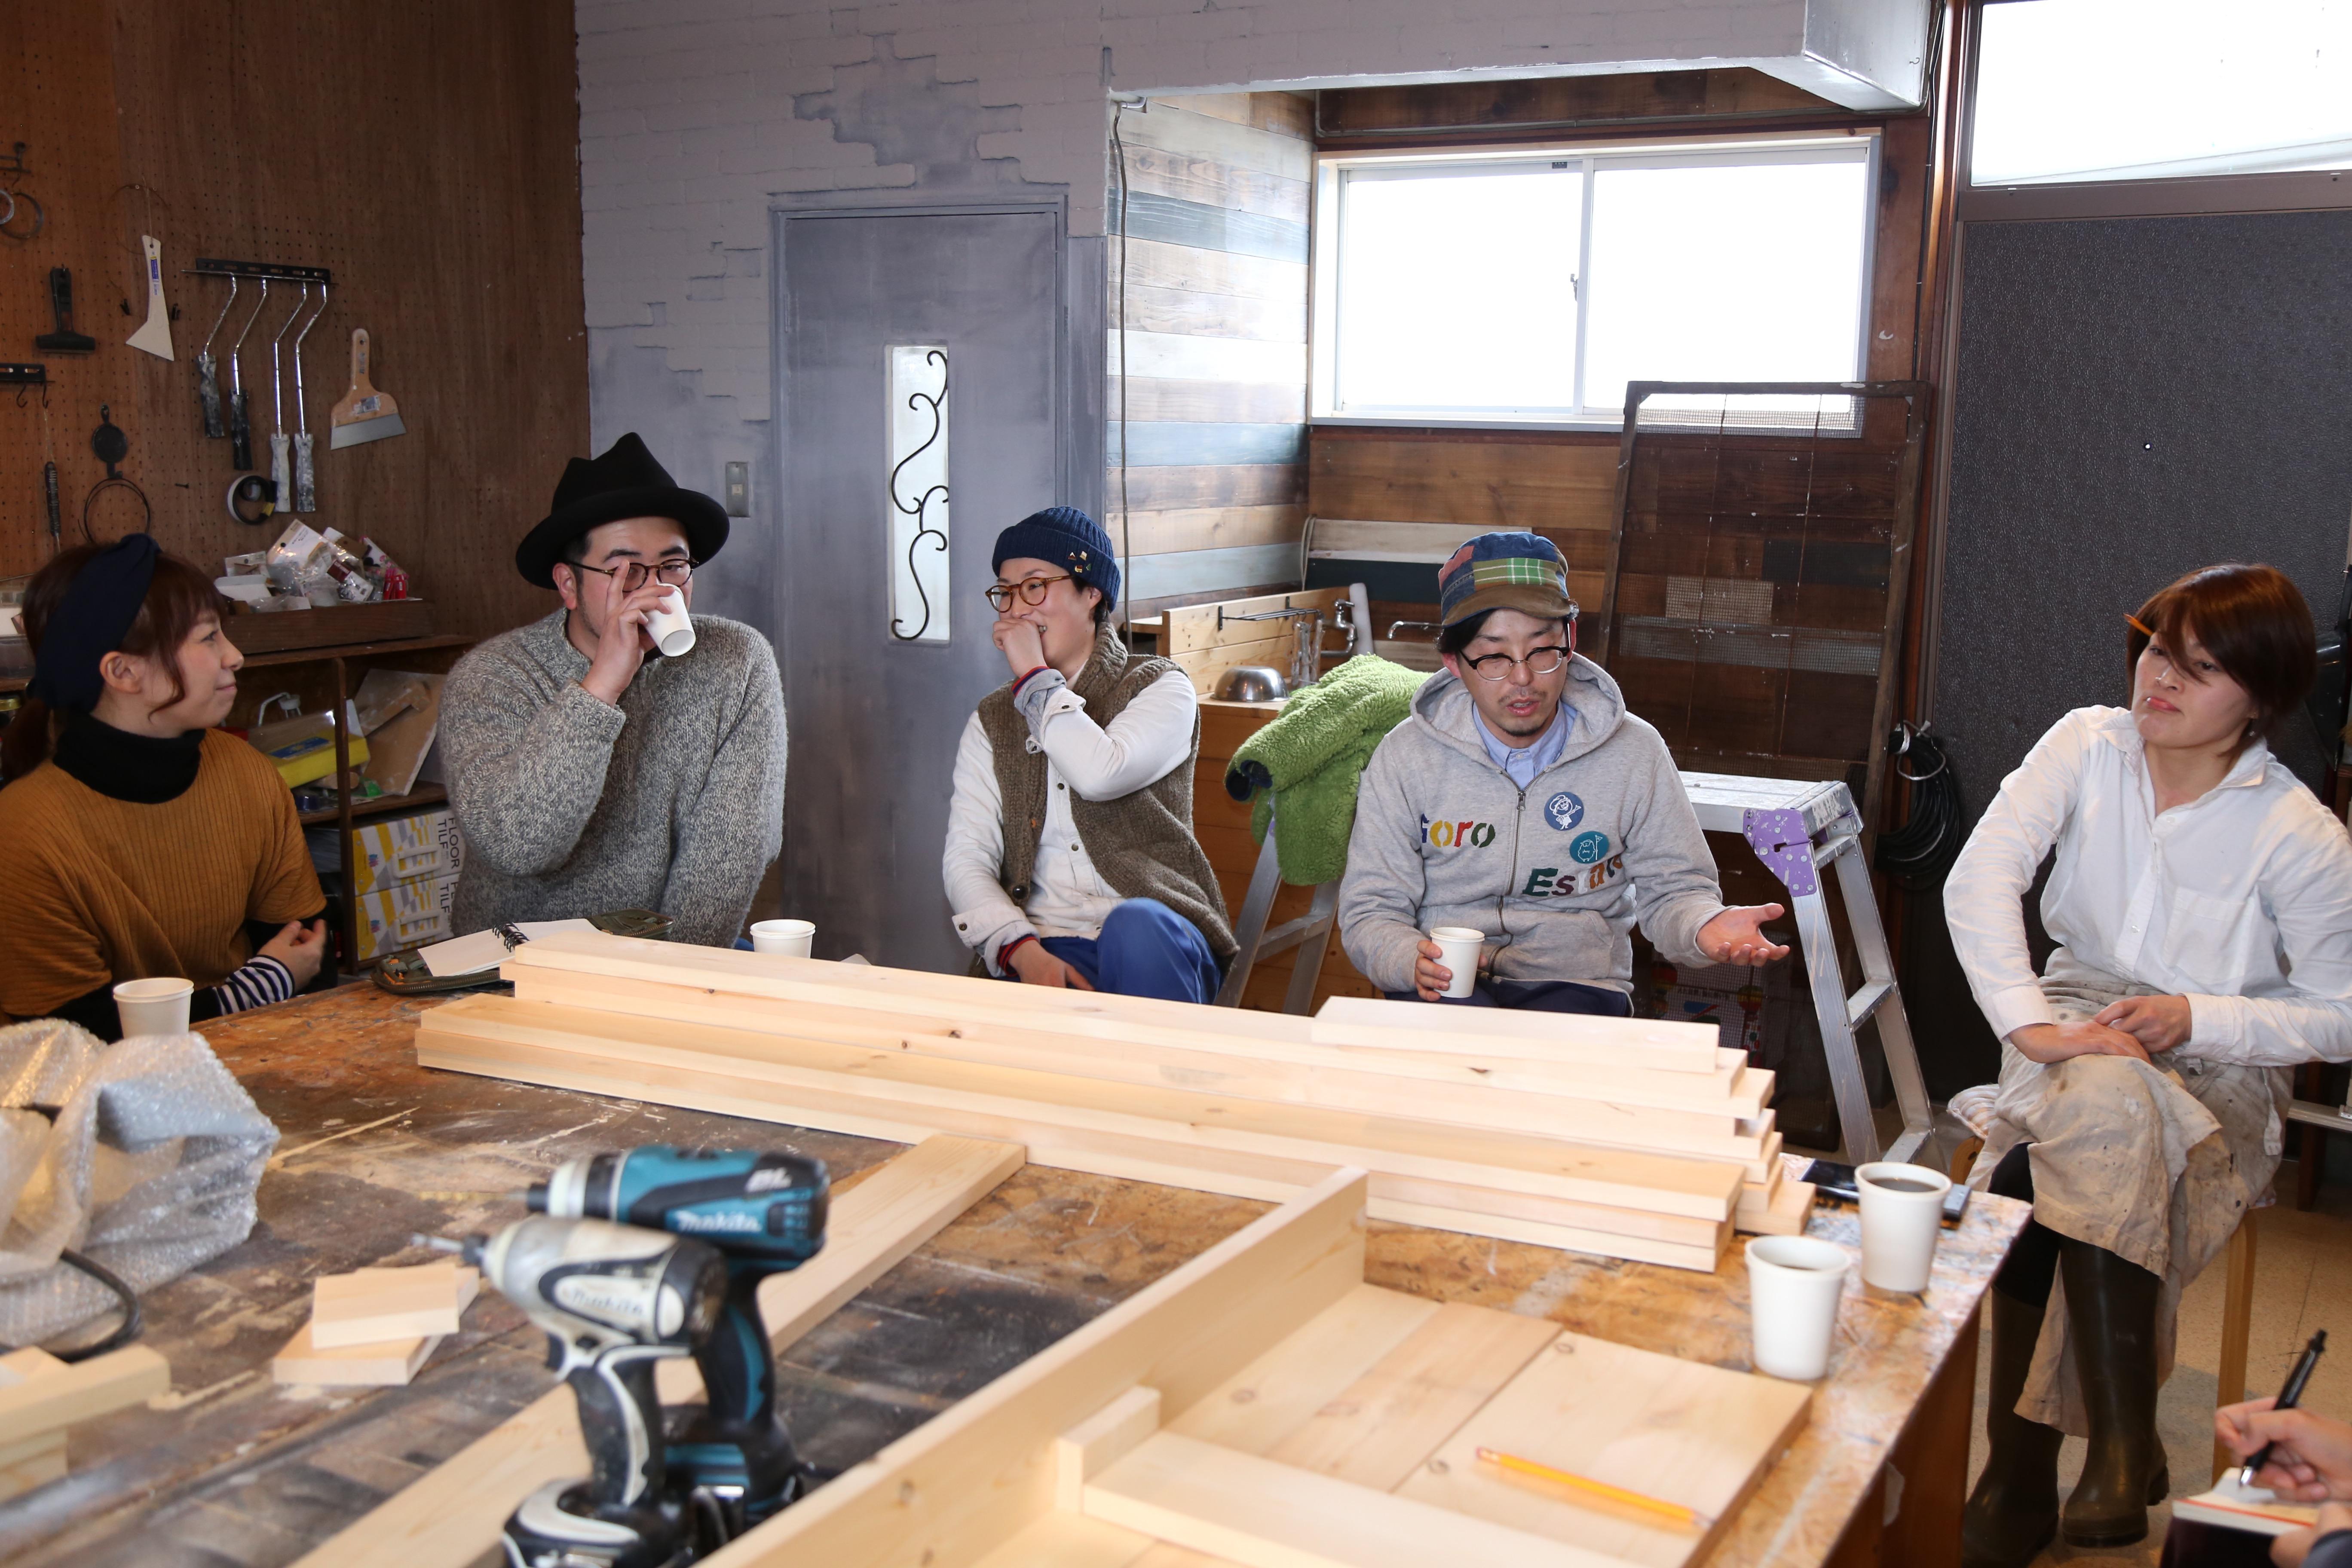 思いに共感した、アパレル店員や庭師、木工クラフターなど様々な職種のメンバーたちが集まっています。